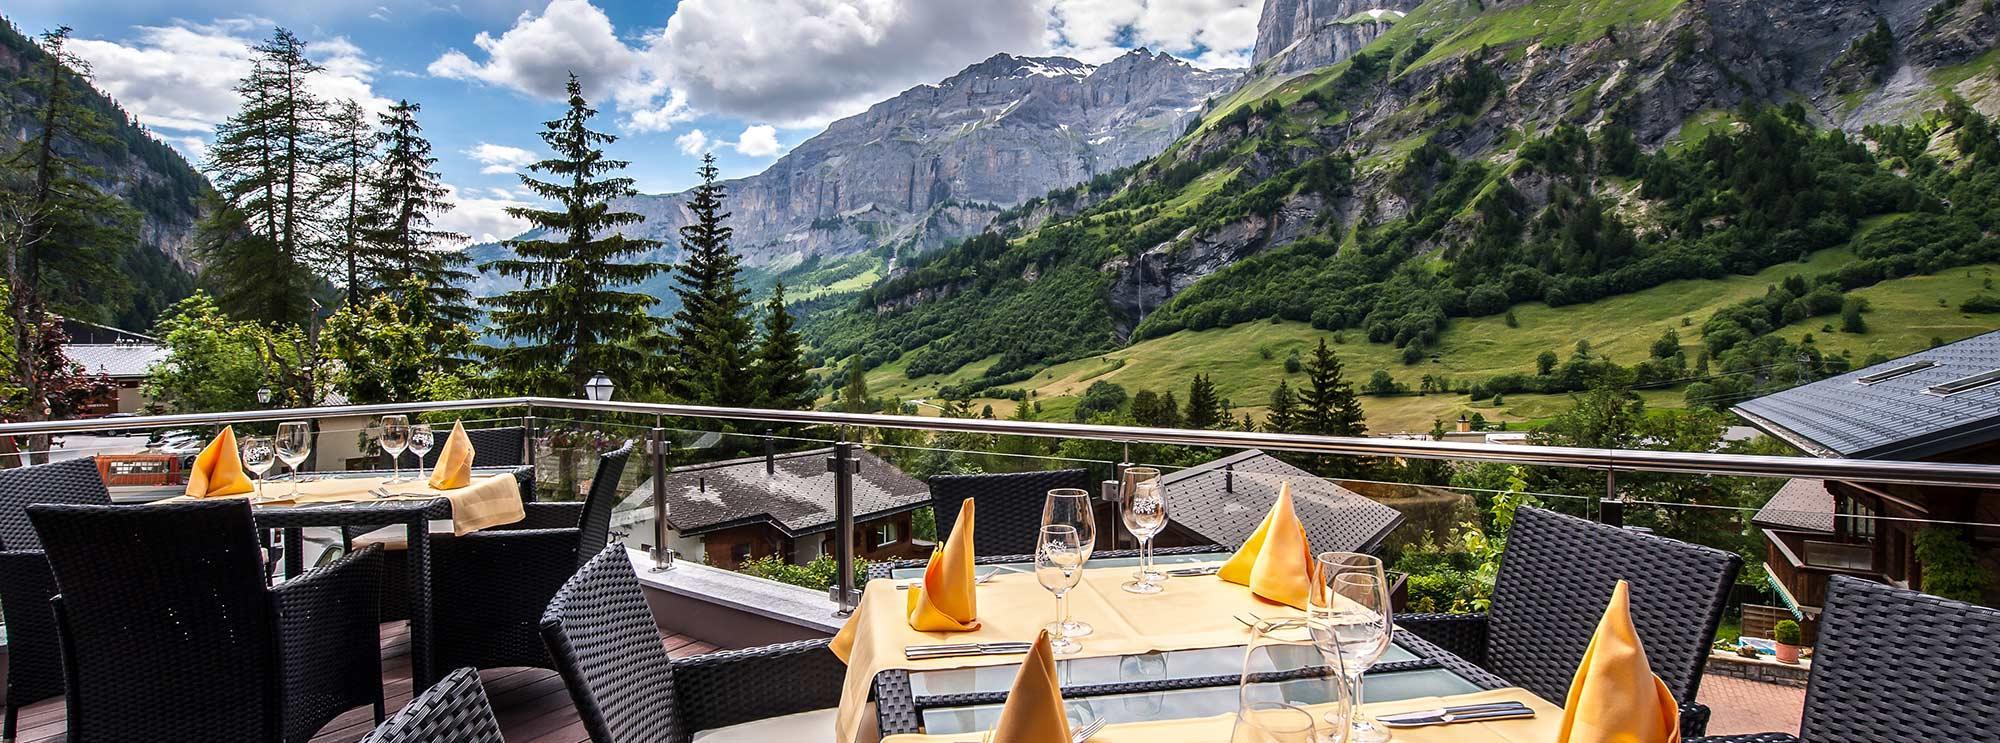 Hotel - Restaurant Waldhaus